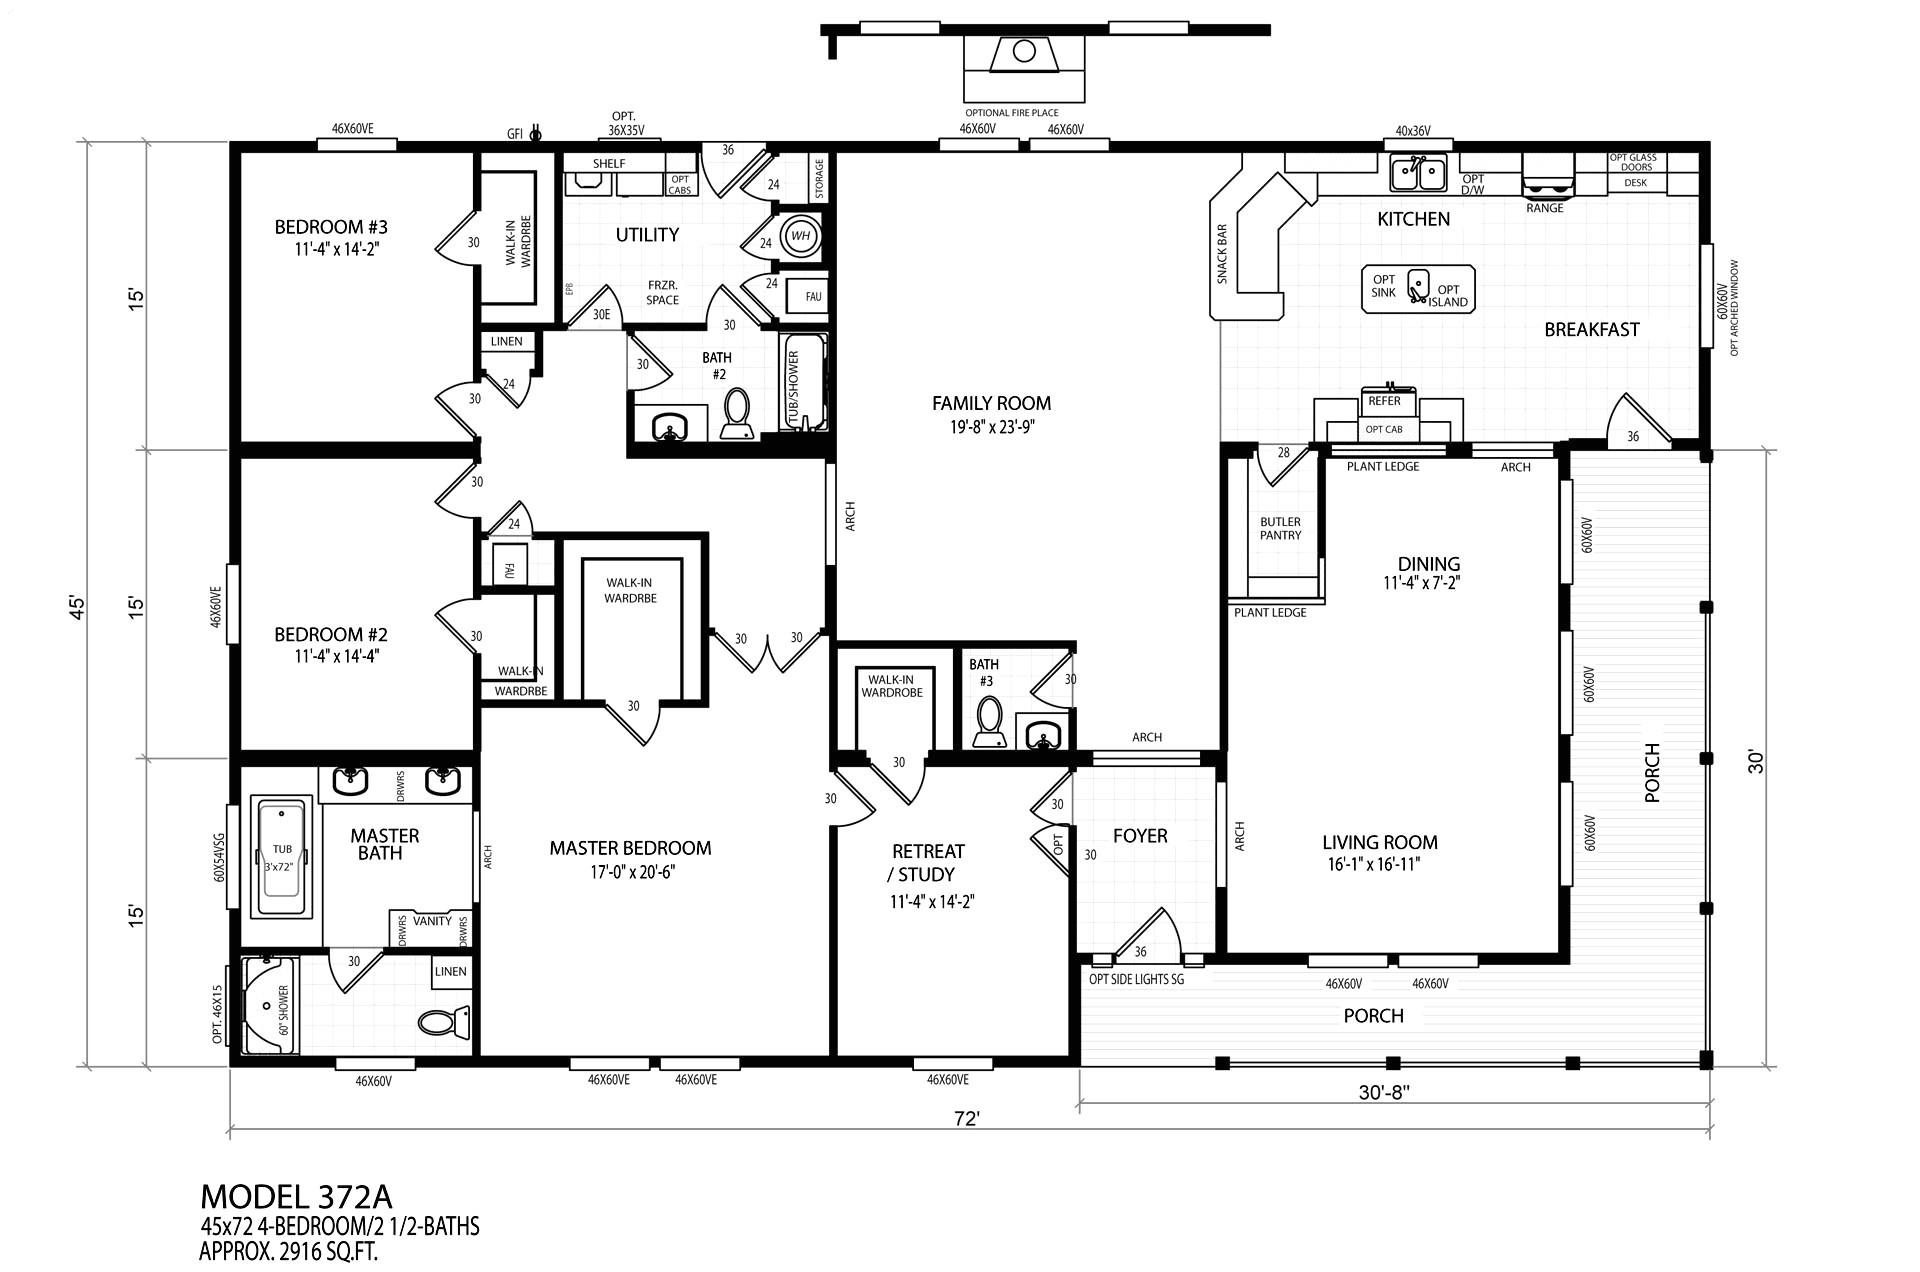 karsten homes floor plans fresh 50 best manufactured homes floor plans floor plans samples of karsten